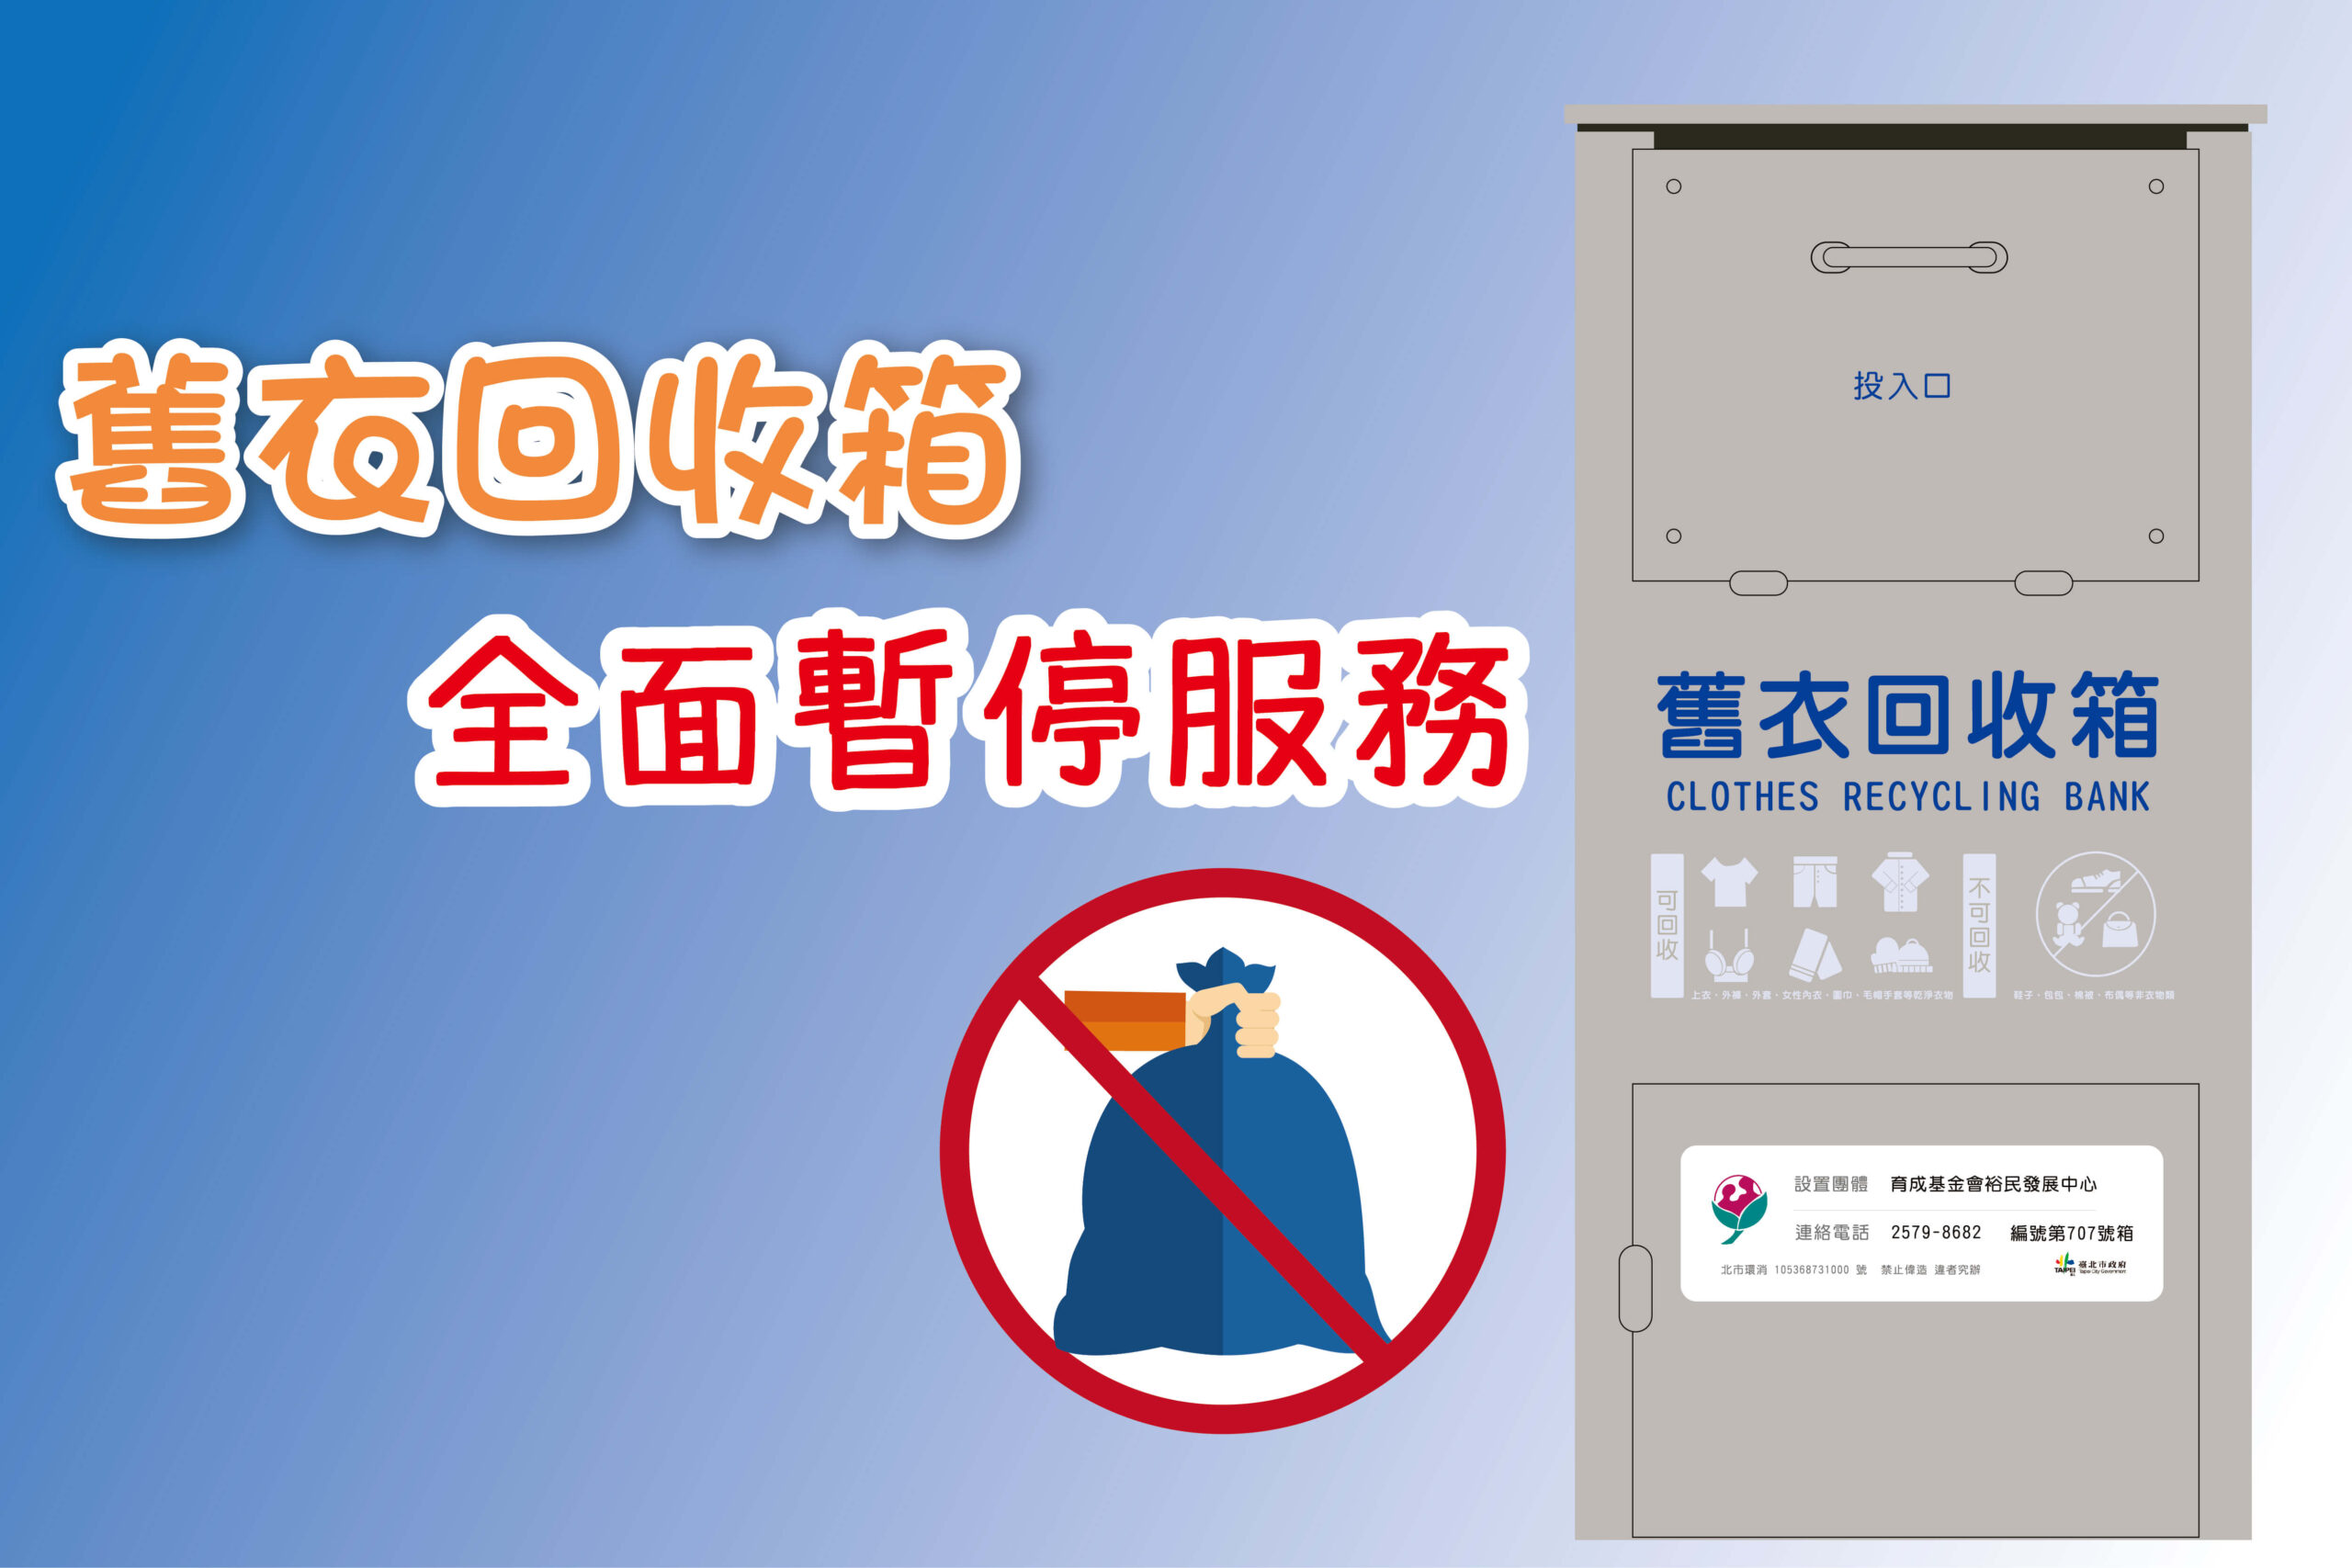 【防疫公告】舊衣回收箱全面暫停服務 代表圖